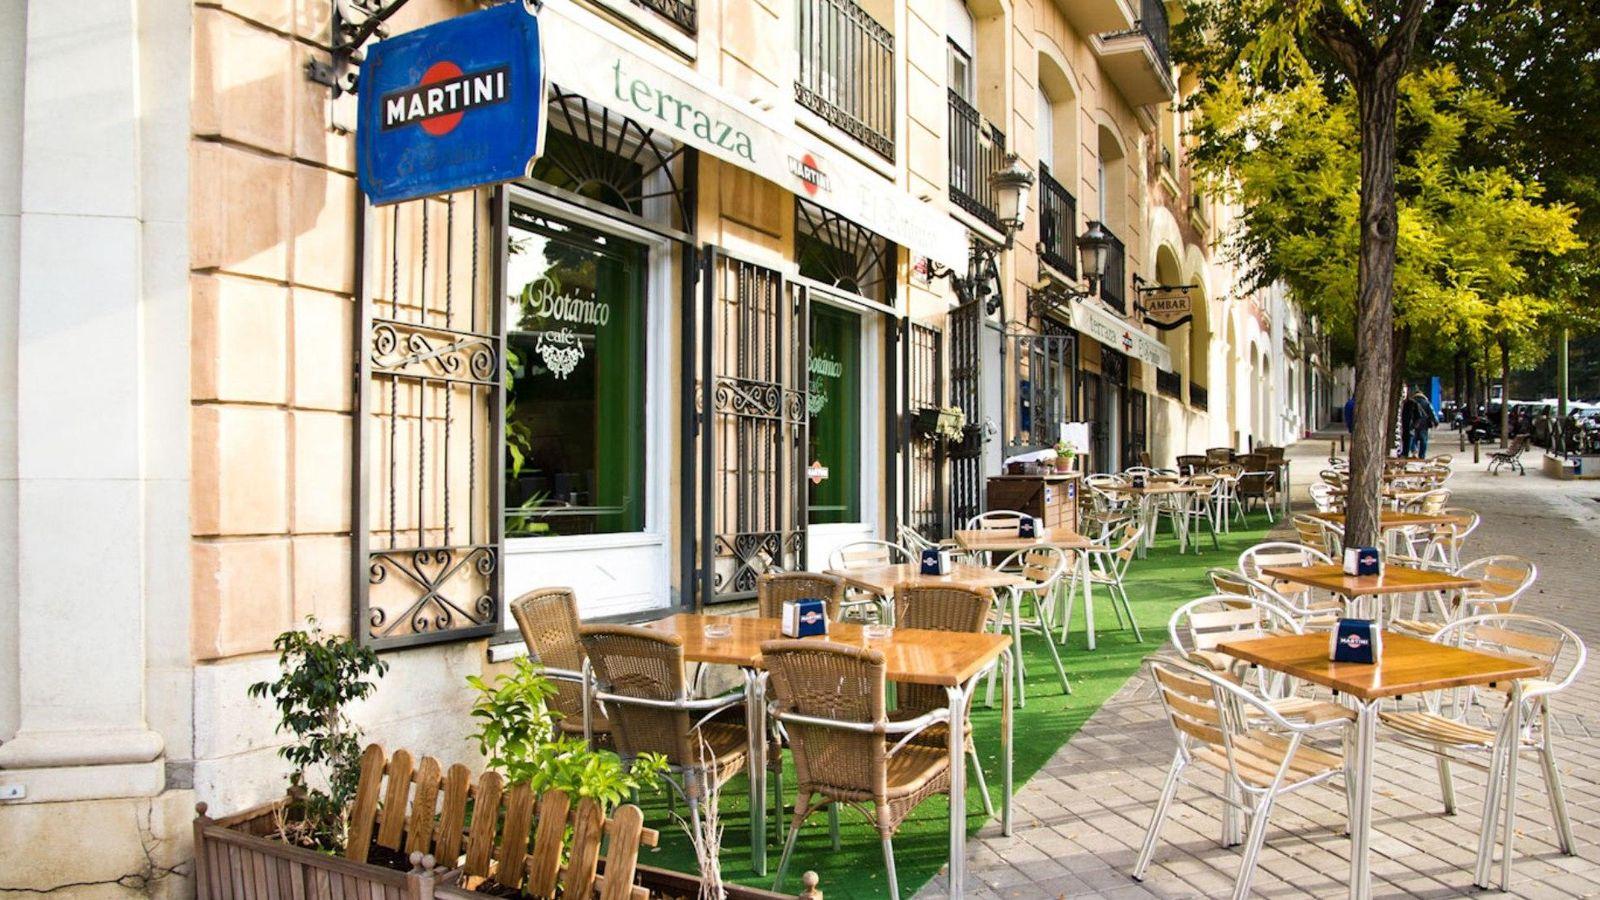 La terraza y la cocina de el bot nico en madrid - La cocina madrid ...